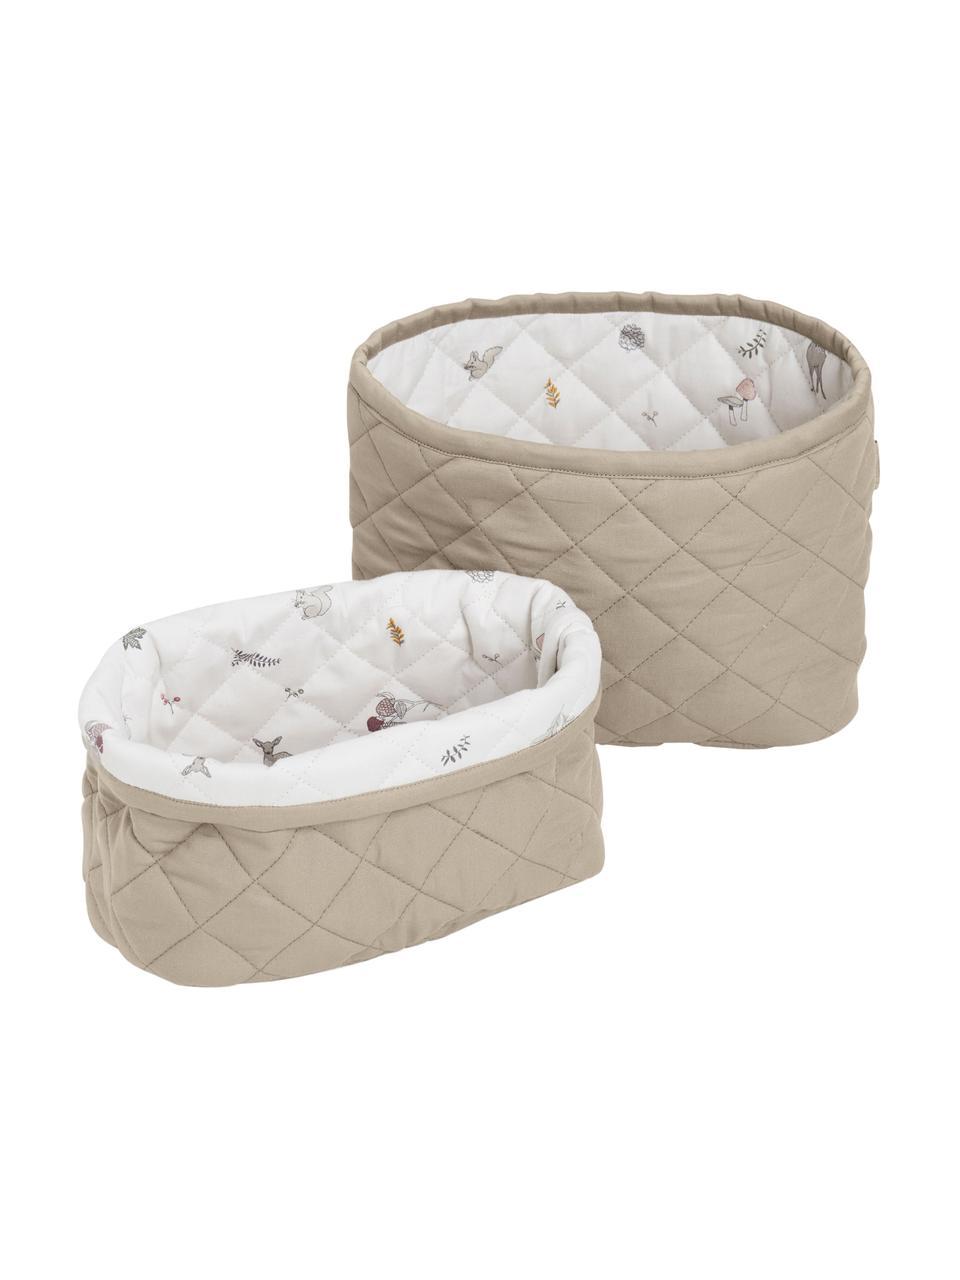 Aufbewahrungskörbe-Set Fawn aus Bio-Baumwolle, 2-tlg., Bezug: 100% Biobaumwolle, Öko-Te, Weiß, Braun, Beige, Sondergrößen